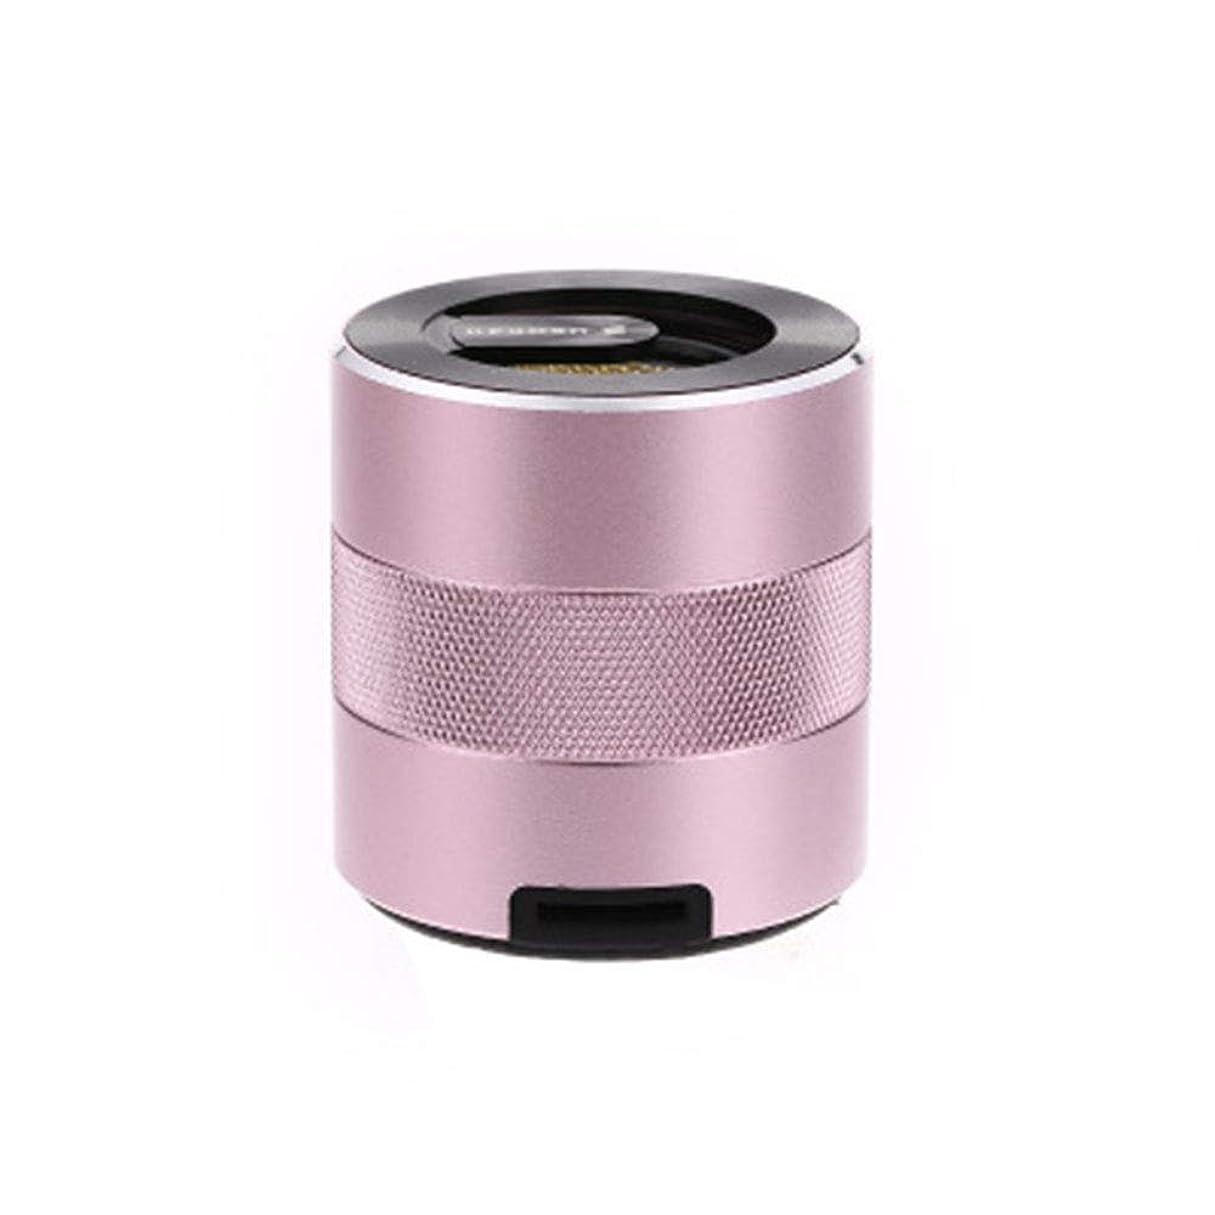 負担理想的には乱すブルートゥーススピーカーカード携帯電話コンピュータ小さなスチールキャノンミニアルミ合金ポータブル小さなステレオはペアパーソナリティファッションすることができます,ピンク